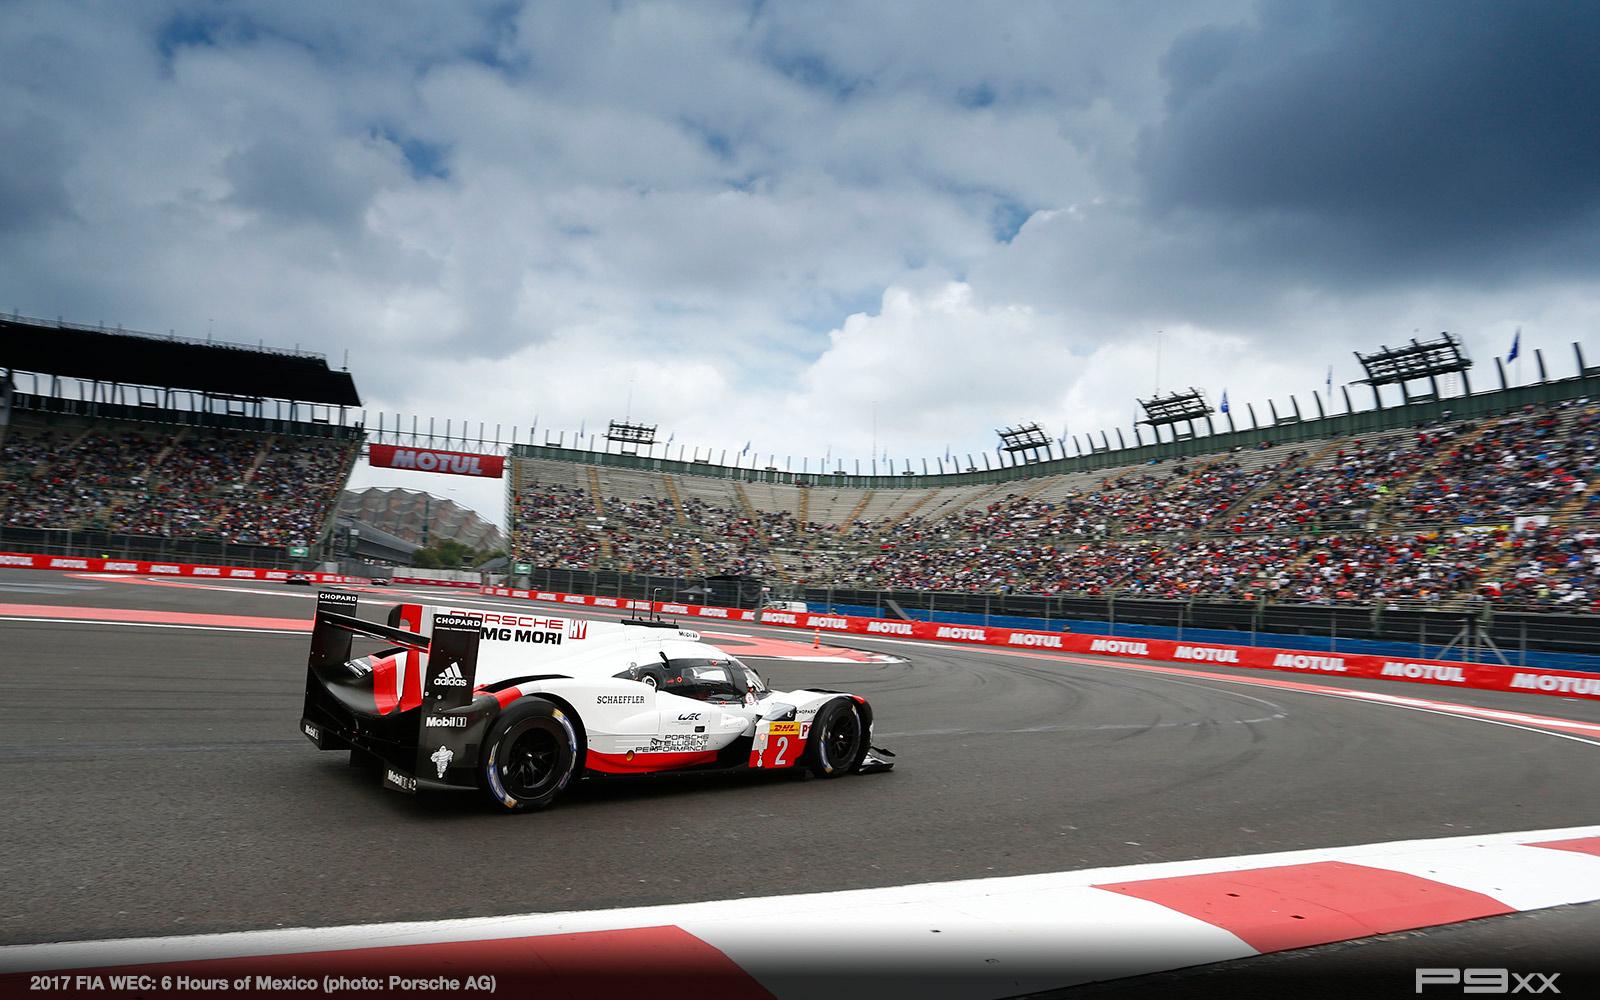 2017-FIA-WEC-6-HOURS-MEXICO-PORSCHE-1302